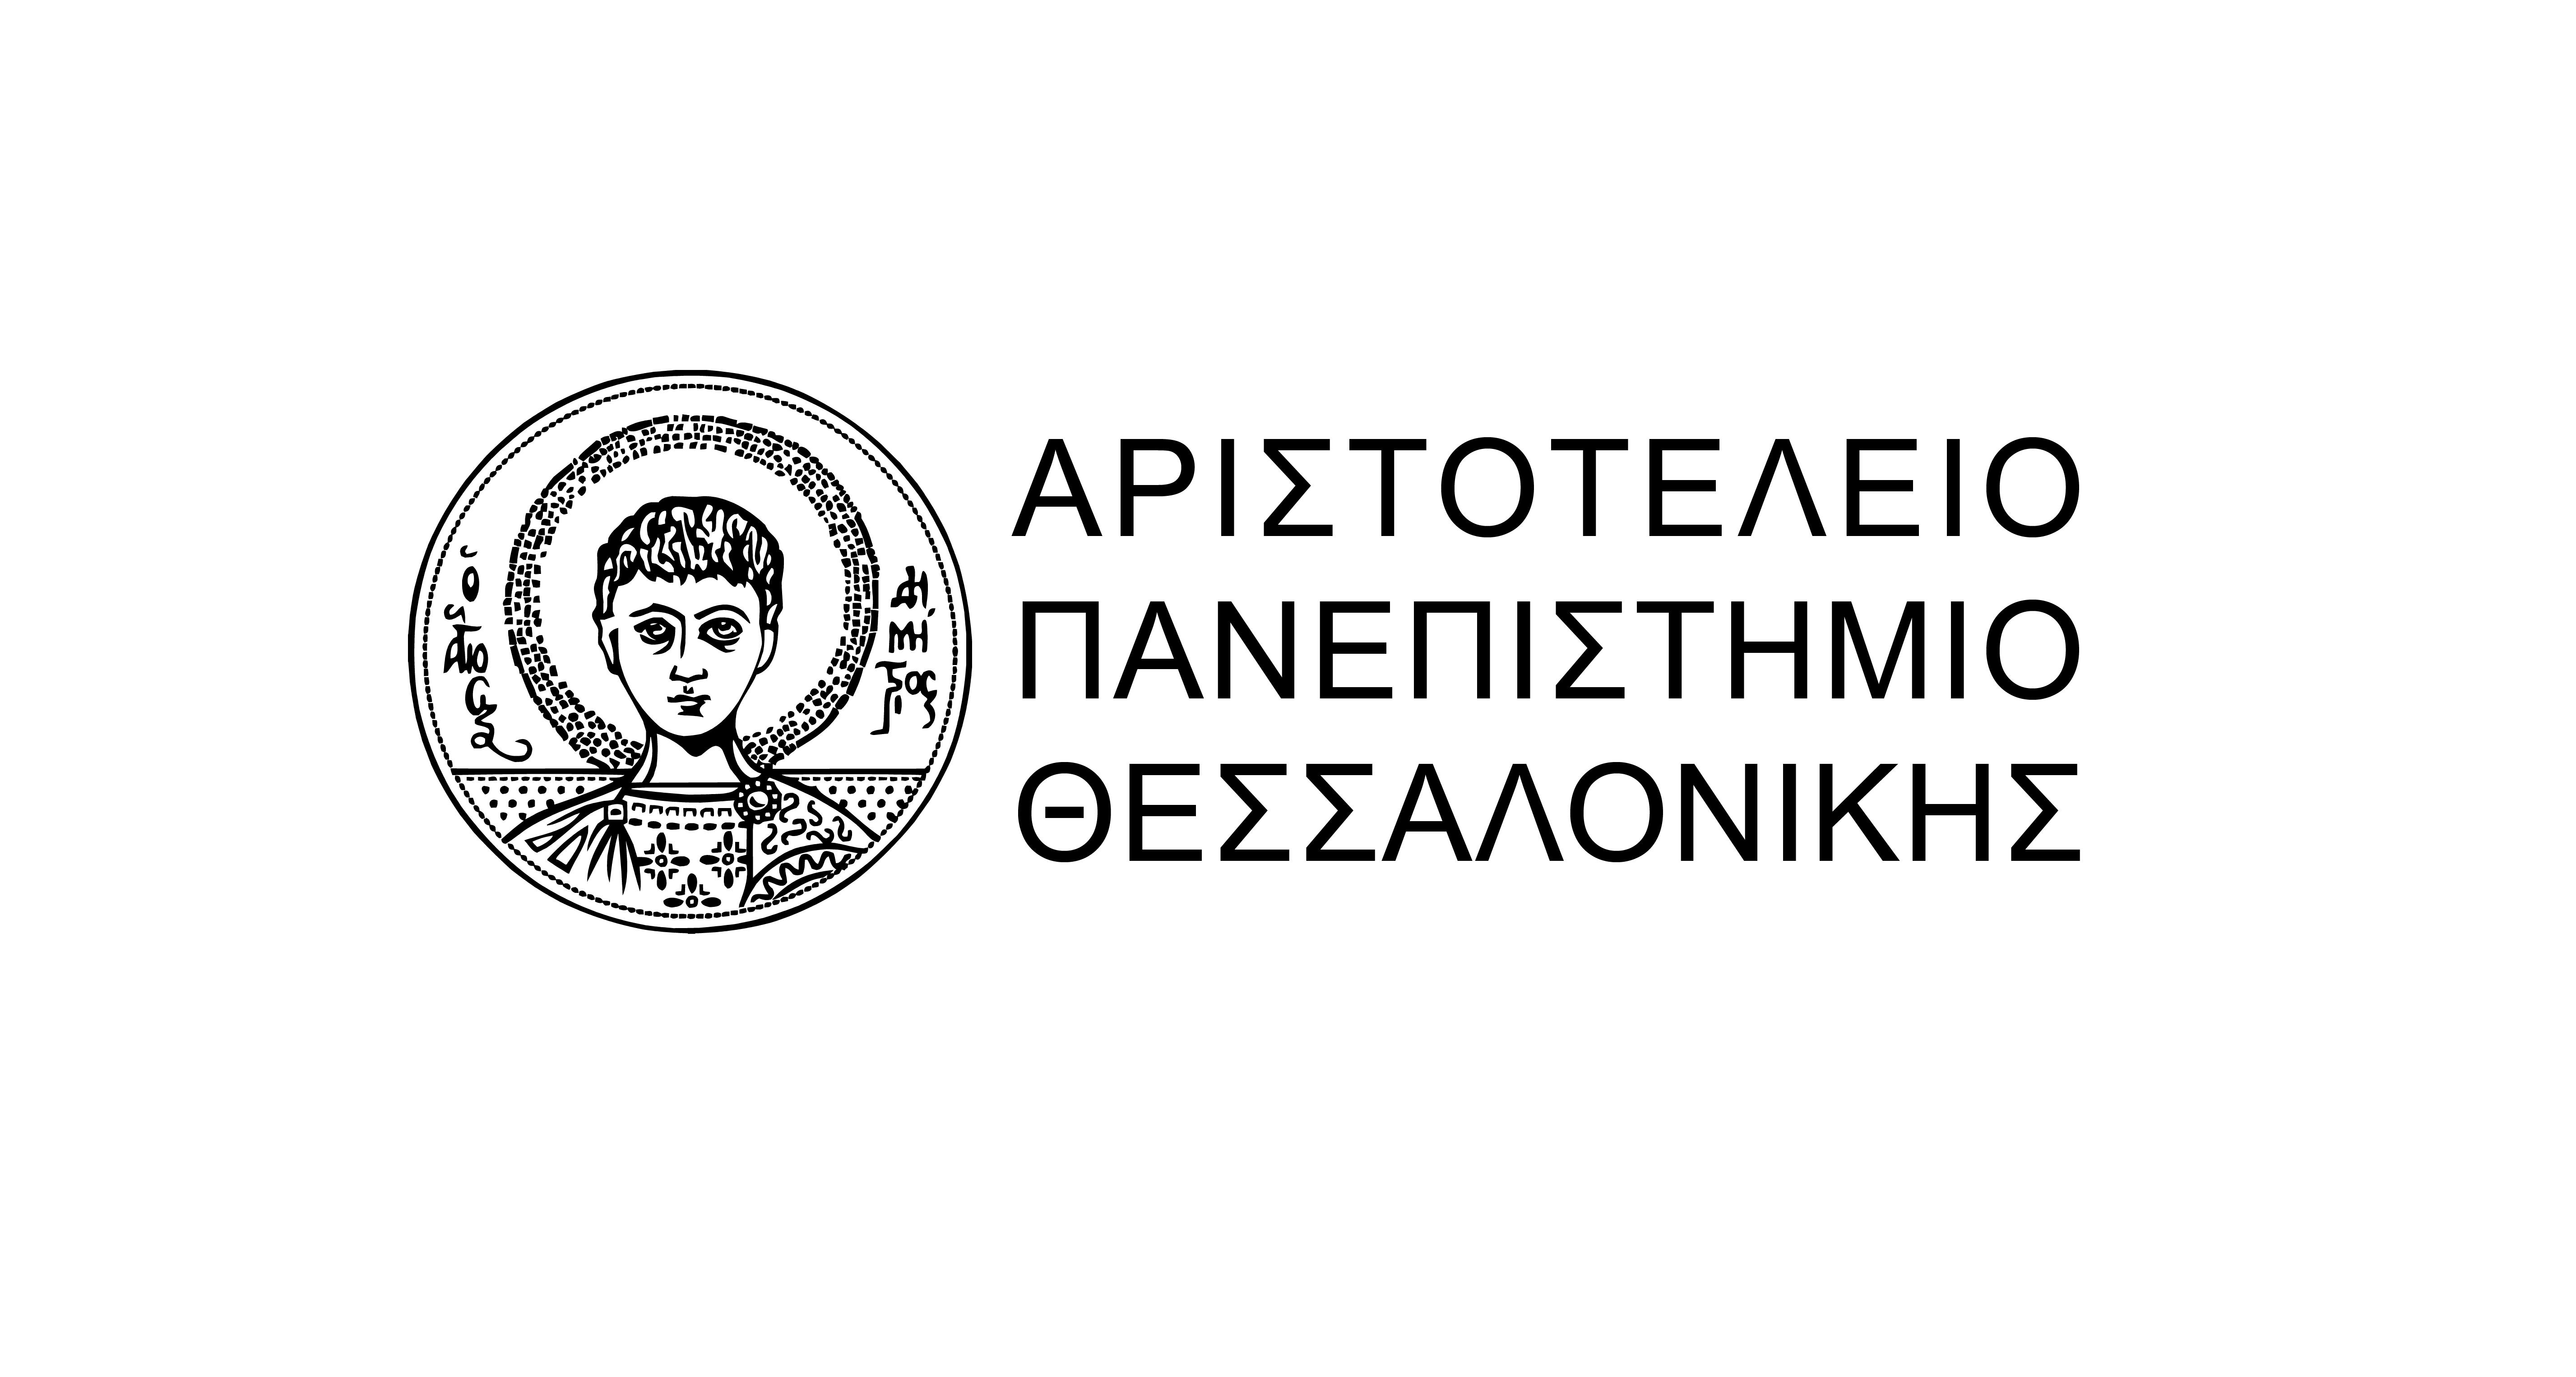 (Ελληνικά) Παραγωγή τετραδίων με εκτύπωση λογοτύπου – Αριστοτέλειο Πανεπιστήμιο Θεσσαλονίκης